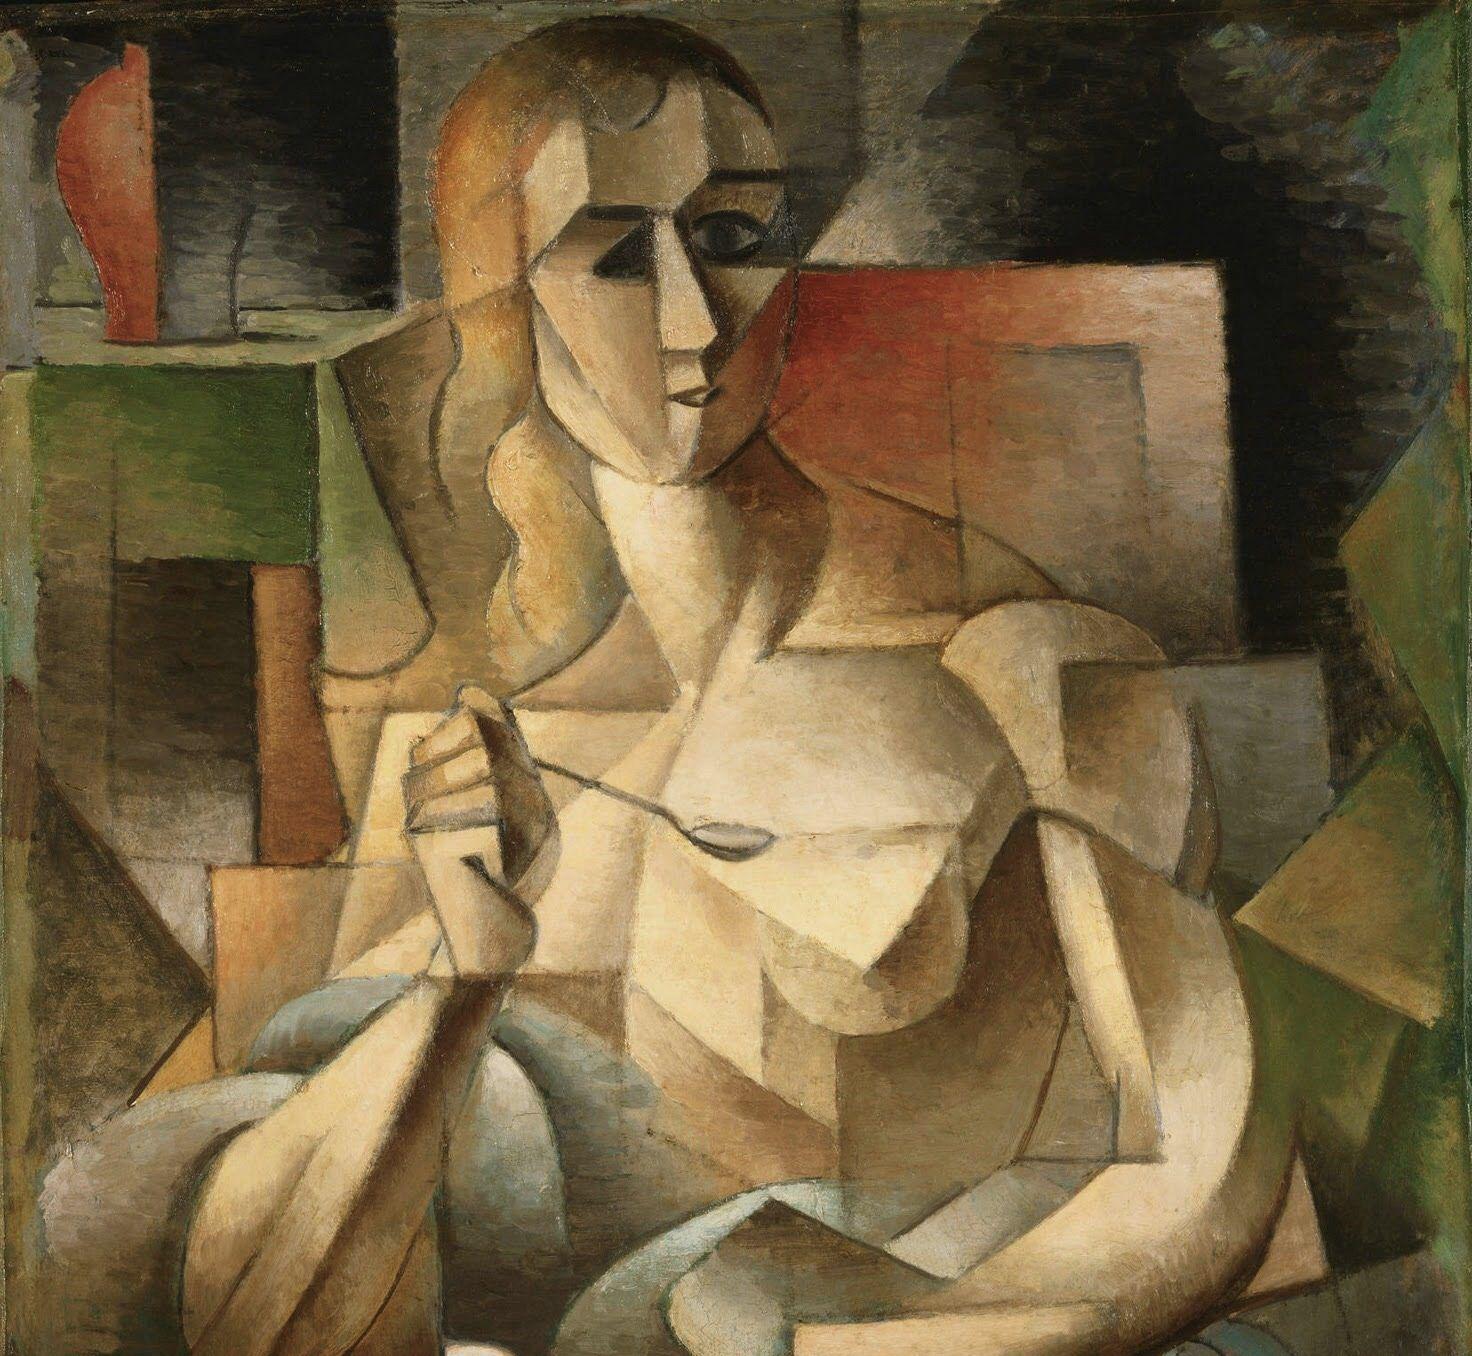 Курс лекций «Всеобщая история искусств. Западное искусство ХХ века» фото 2